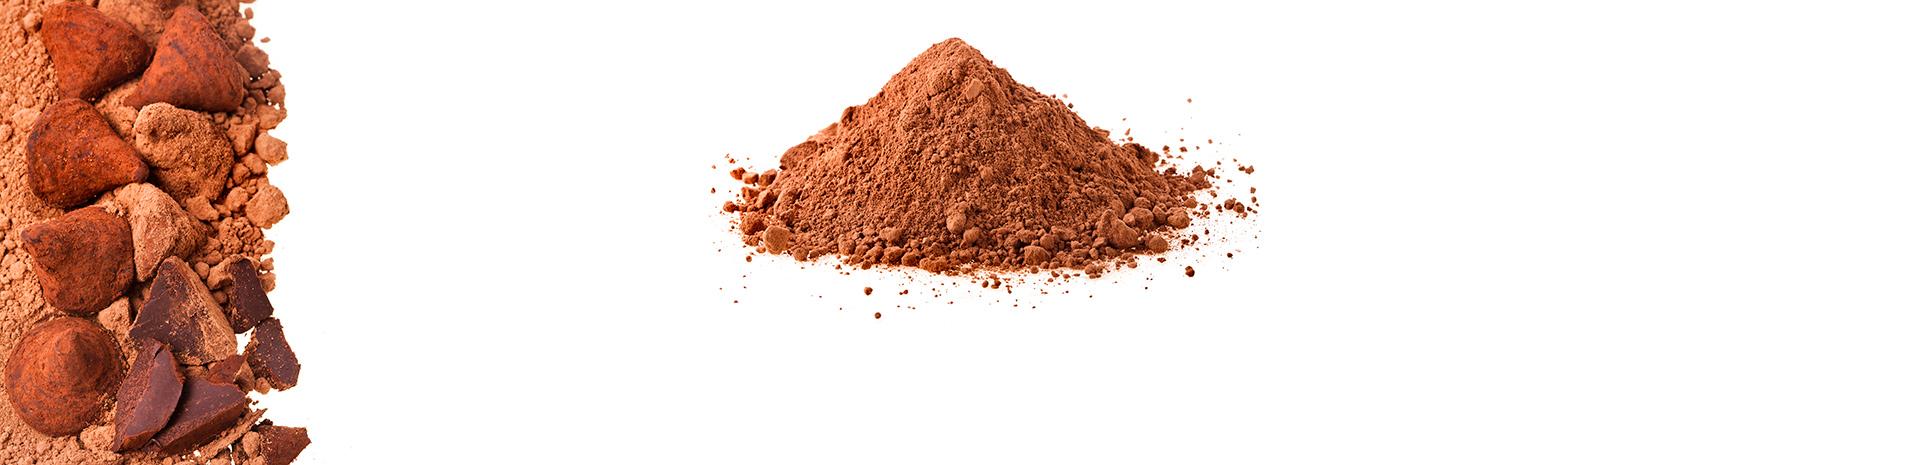 Болезнь Альцгеймера предлагается предупреждать с помощью какао